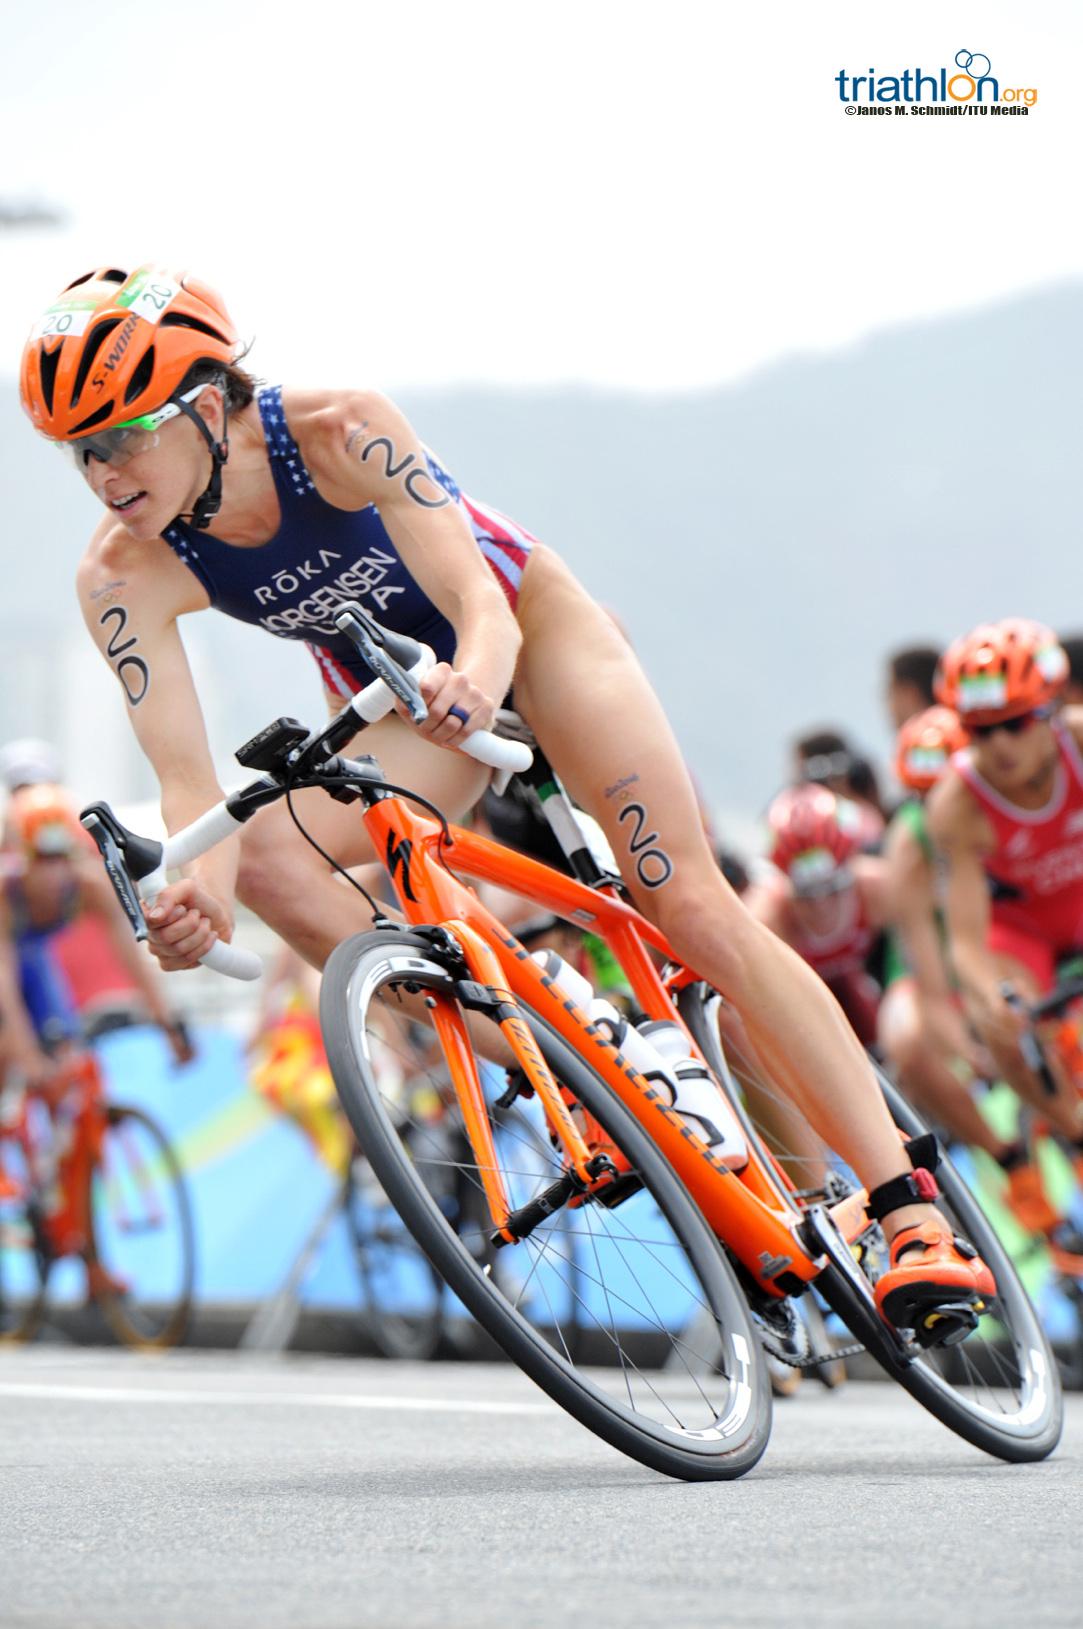 Gwen Jorgensen biking in Rio